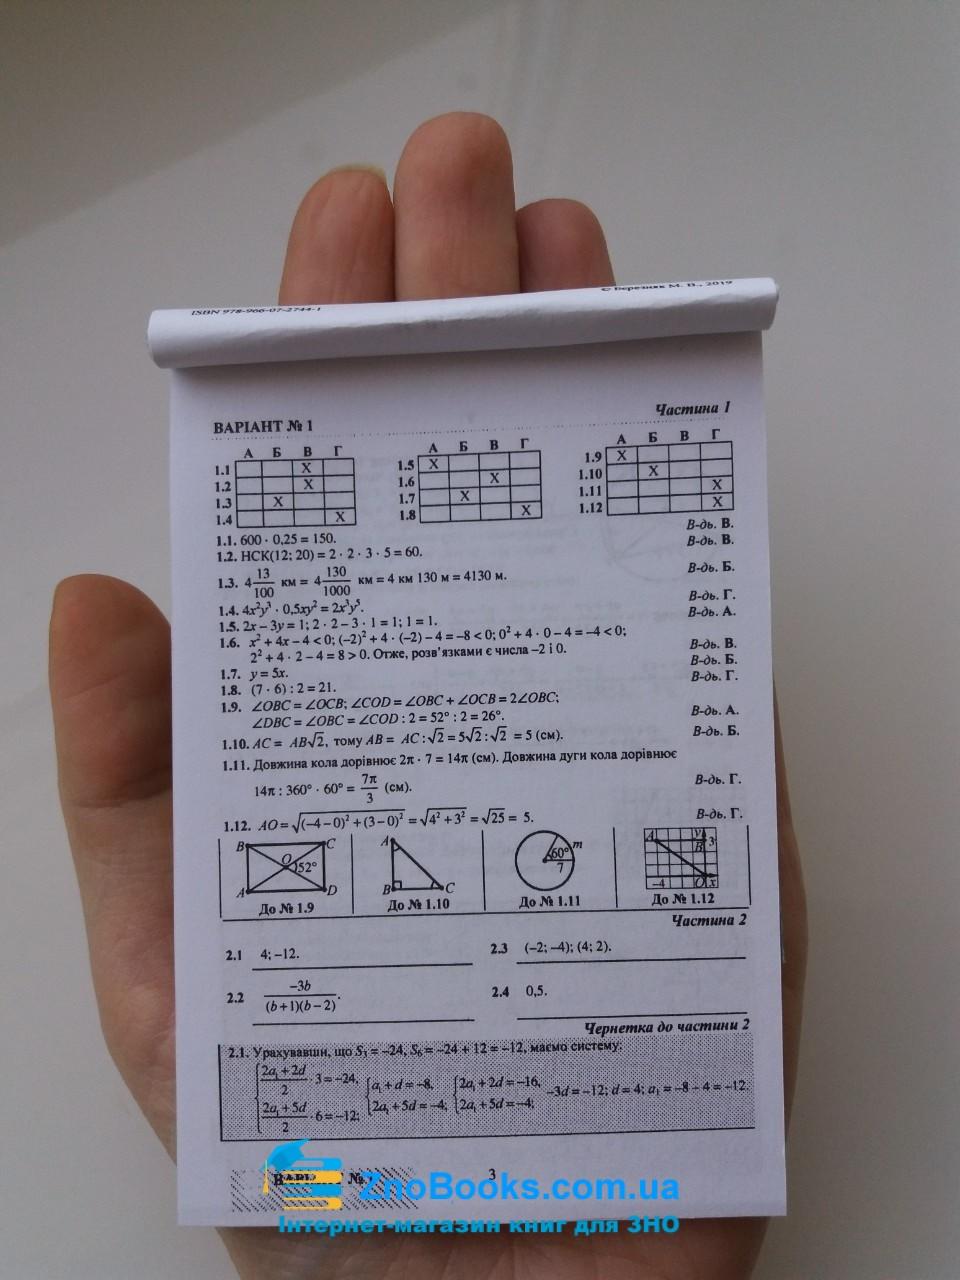 ШПАРГАЛКА. Відповіді до збірника для ДПА 2019 з математики 9 клас. Березняк М. Підручники і посібники. Купити 1